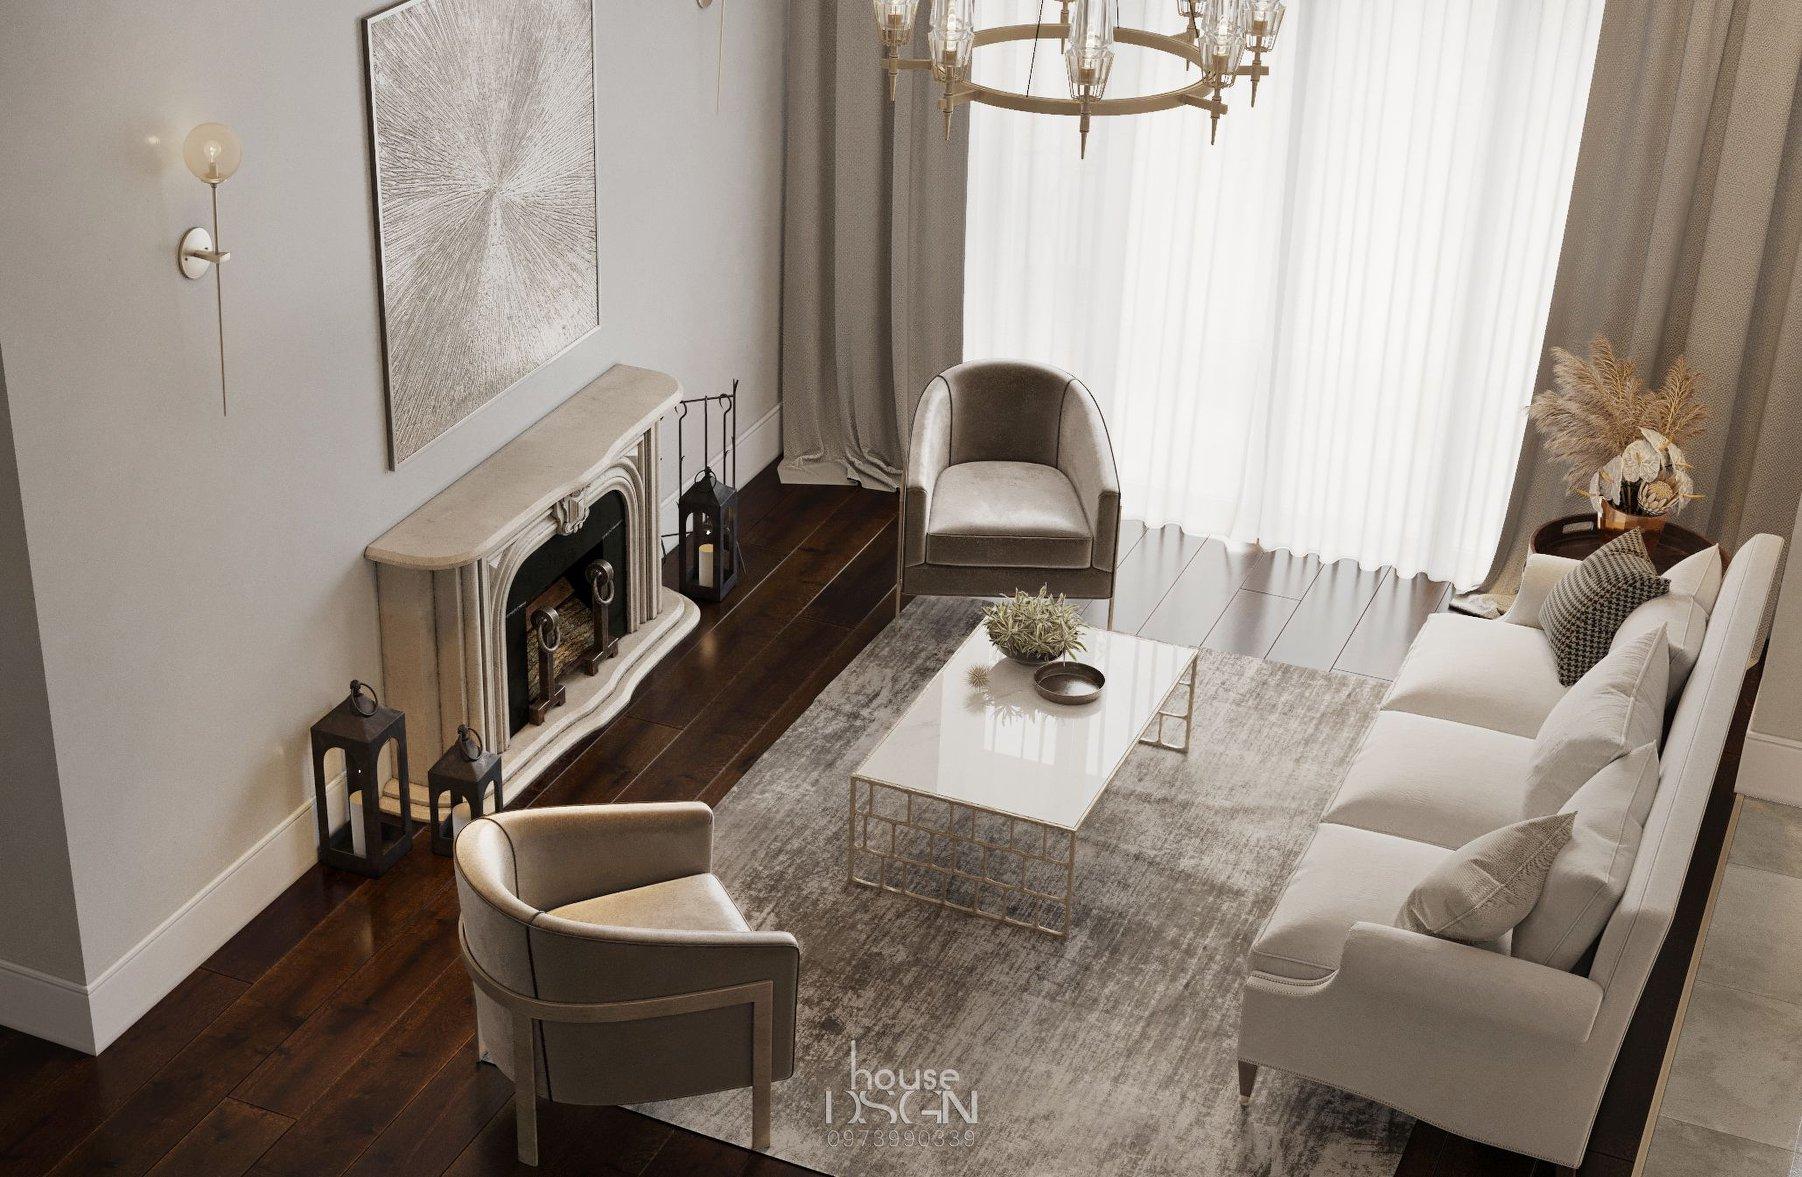 tiêu chuẩn thiết kế nội thất - Housedesign